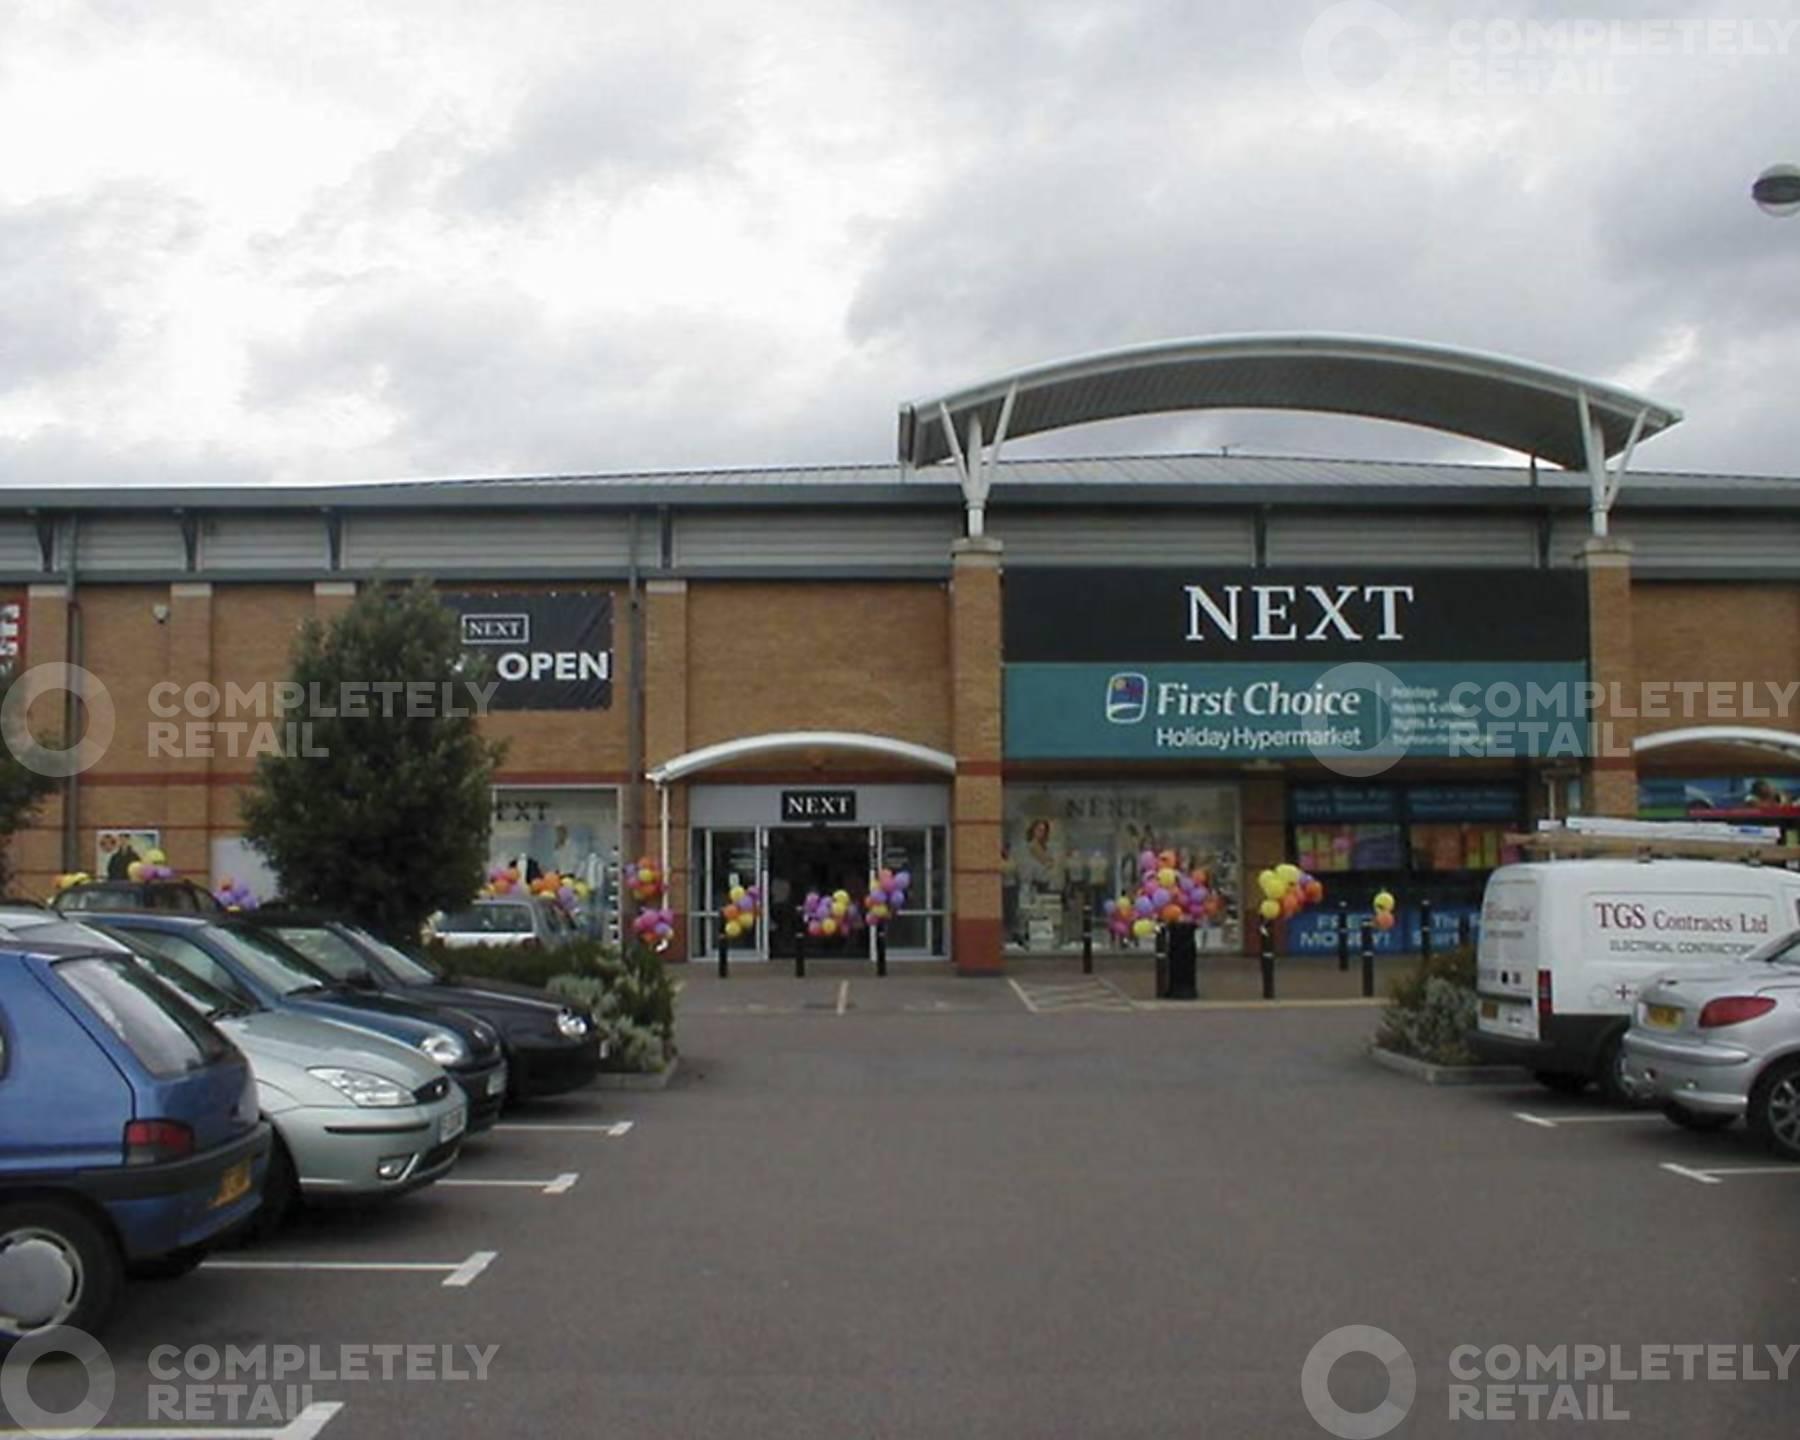 Sixfields Retail Park